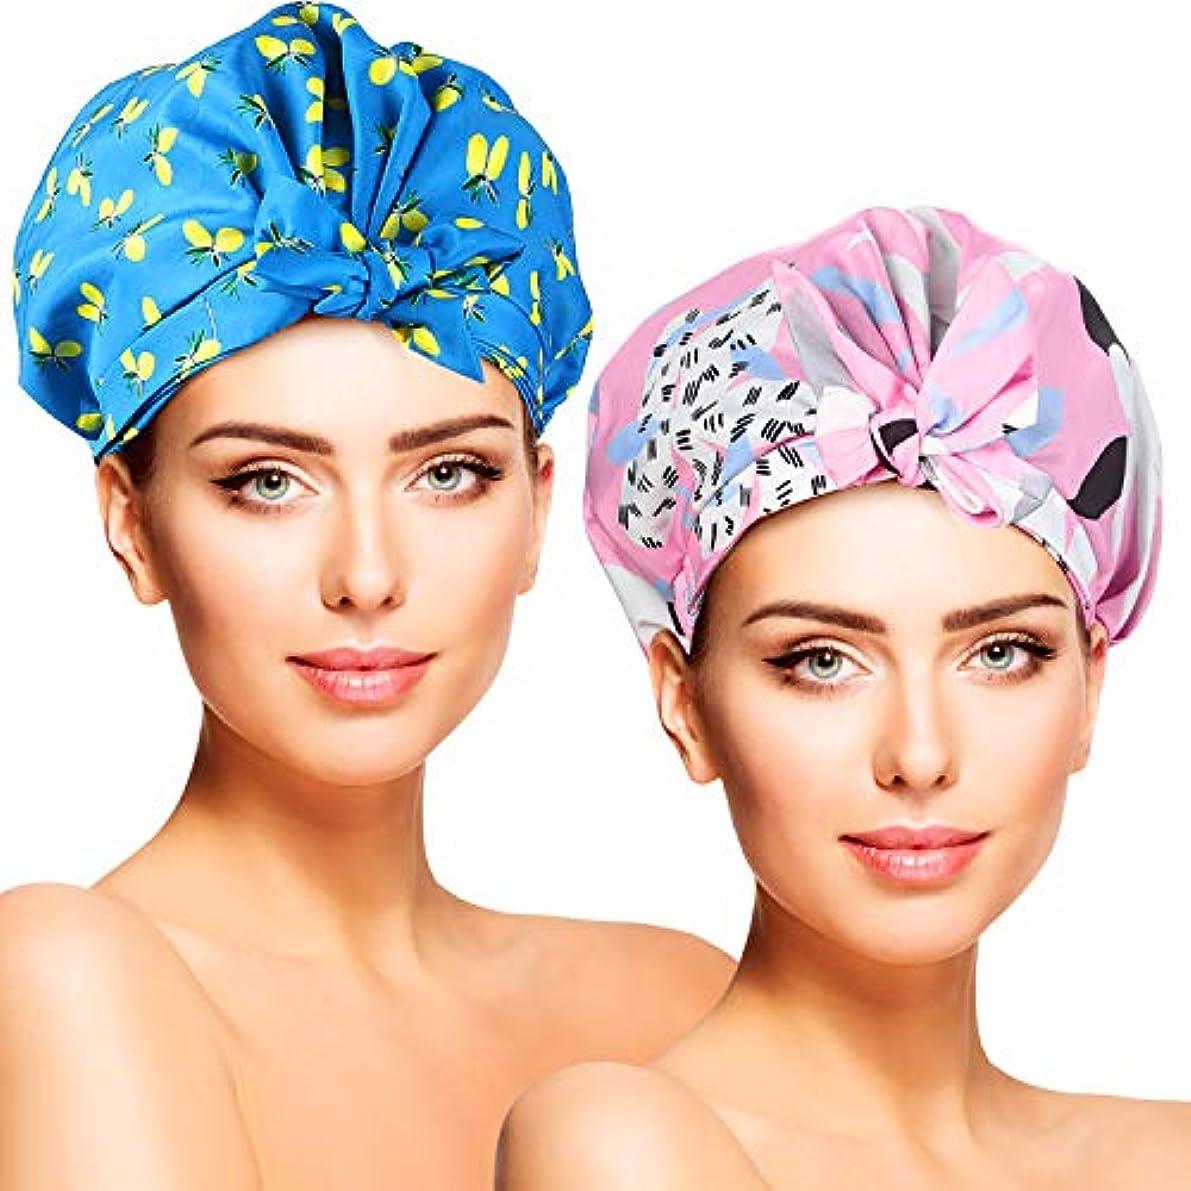 母音ファンブル魅力的であることへのアピールYISUN シャワーキャップ 2枚セット 二重層防水 耐久性 抗菌性 お風呂 シャワー SPA 調理 洗顔用 多機能 実用性 男女兼用